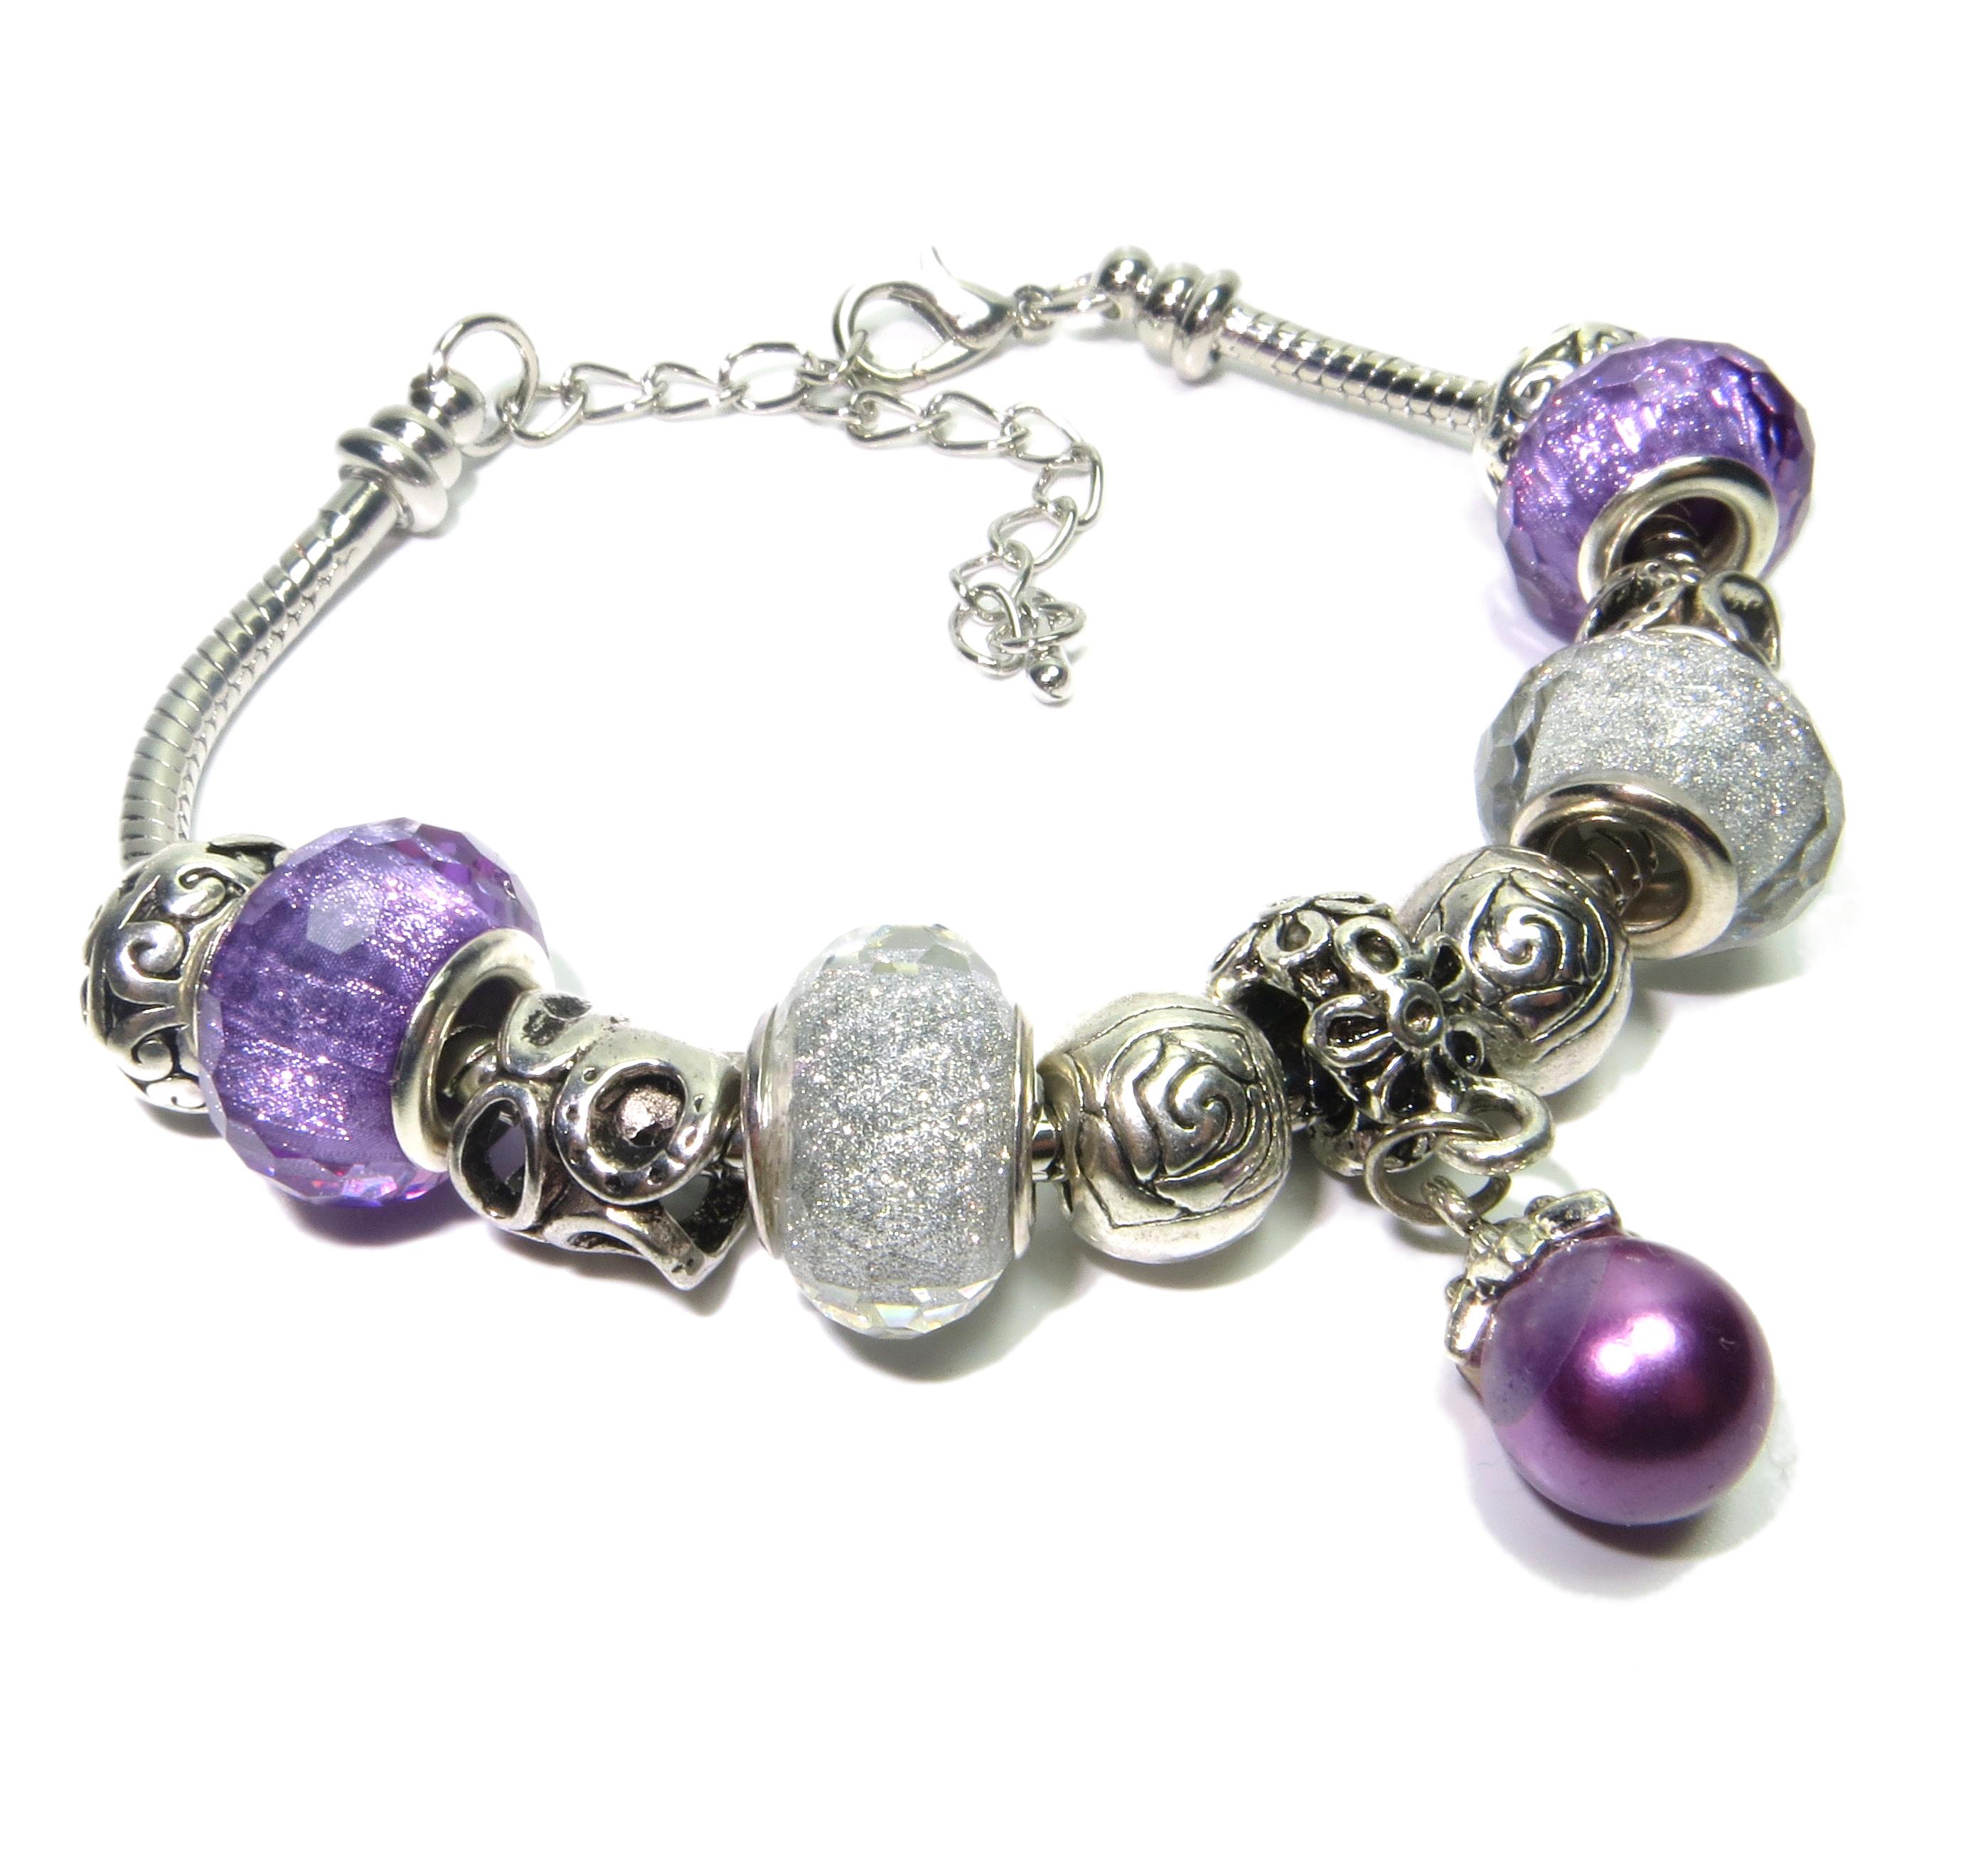 bd2fb15100a E-shop šperky, móda, dekorace